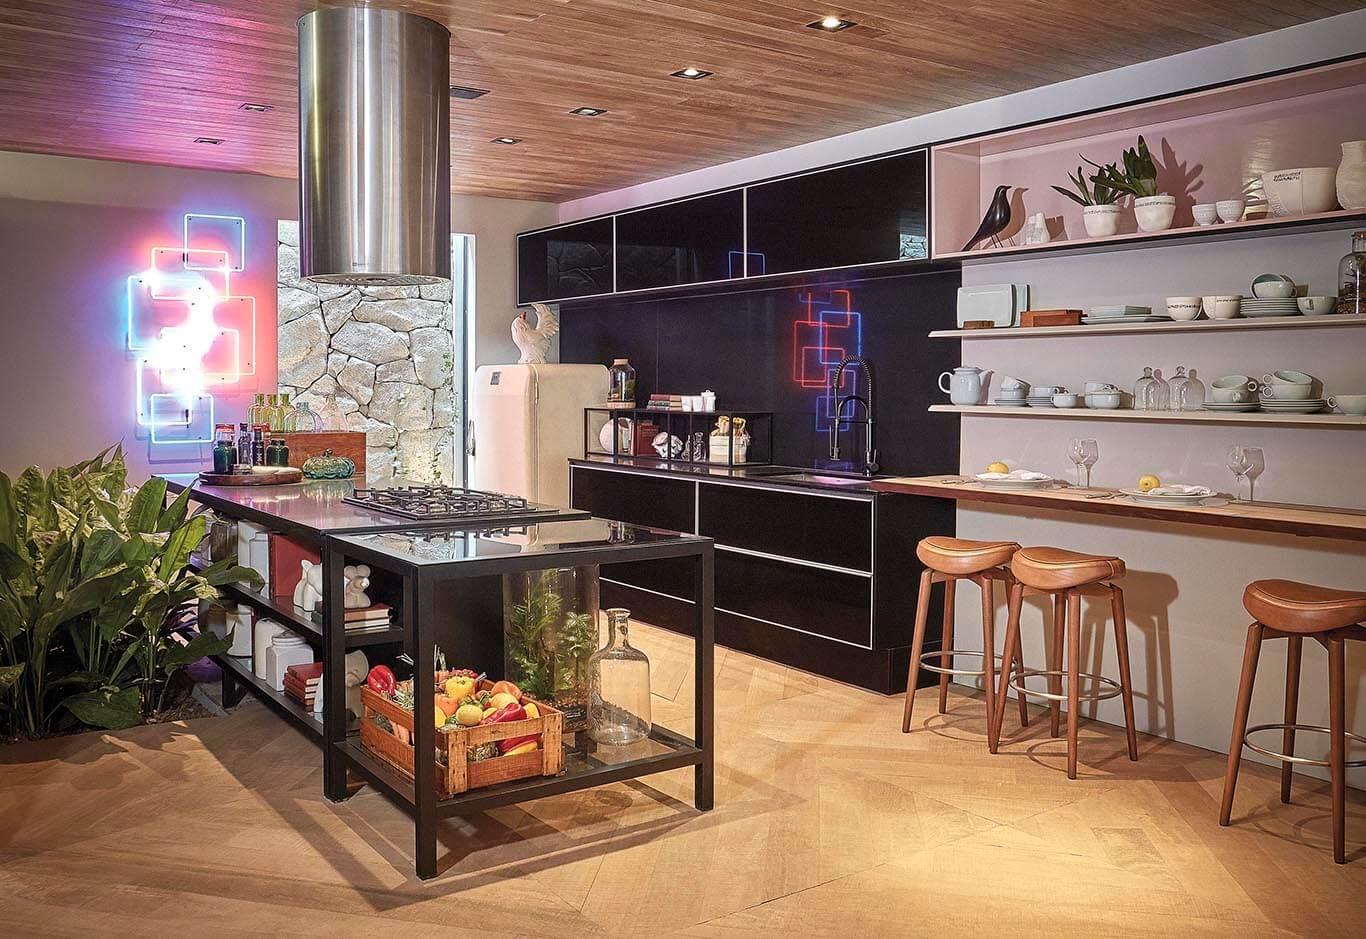 Dell Anno - Cozinha Ideias e Projetos10